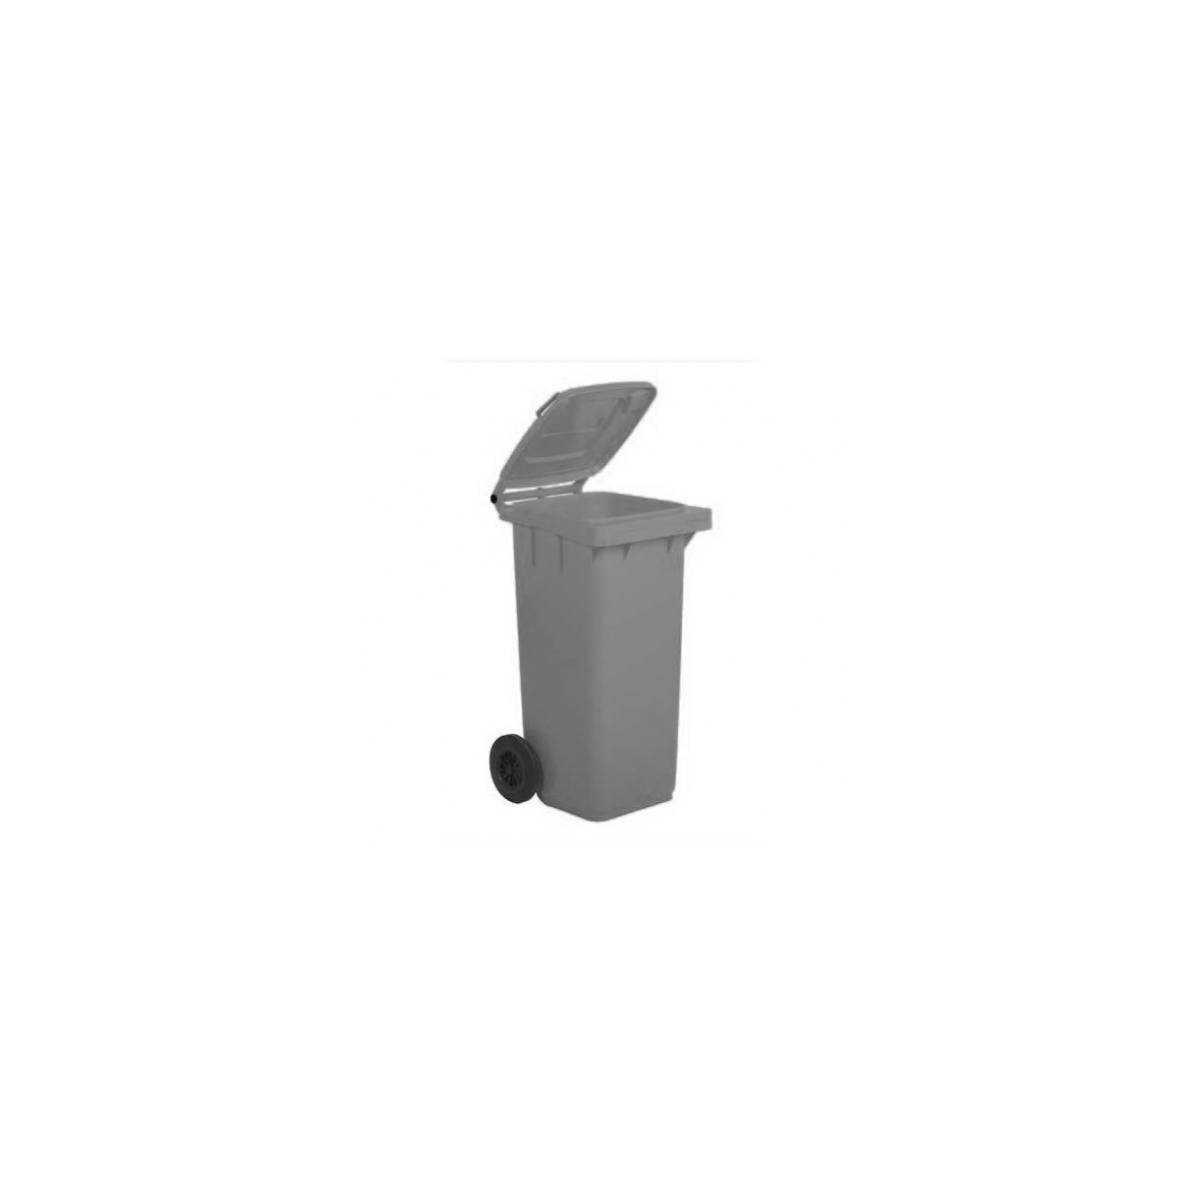 Контейнер для мусора 120л (5050GRB) (Серого цвета) 5050GRB Mar Plast